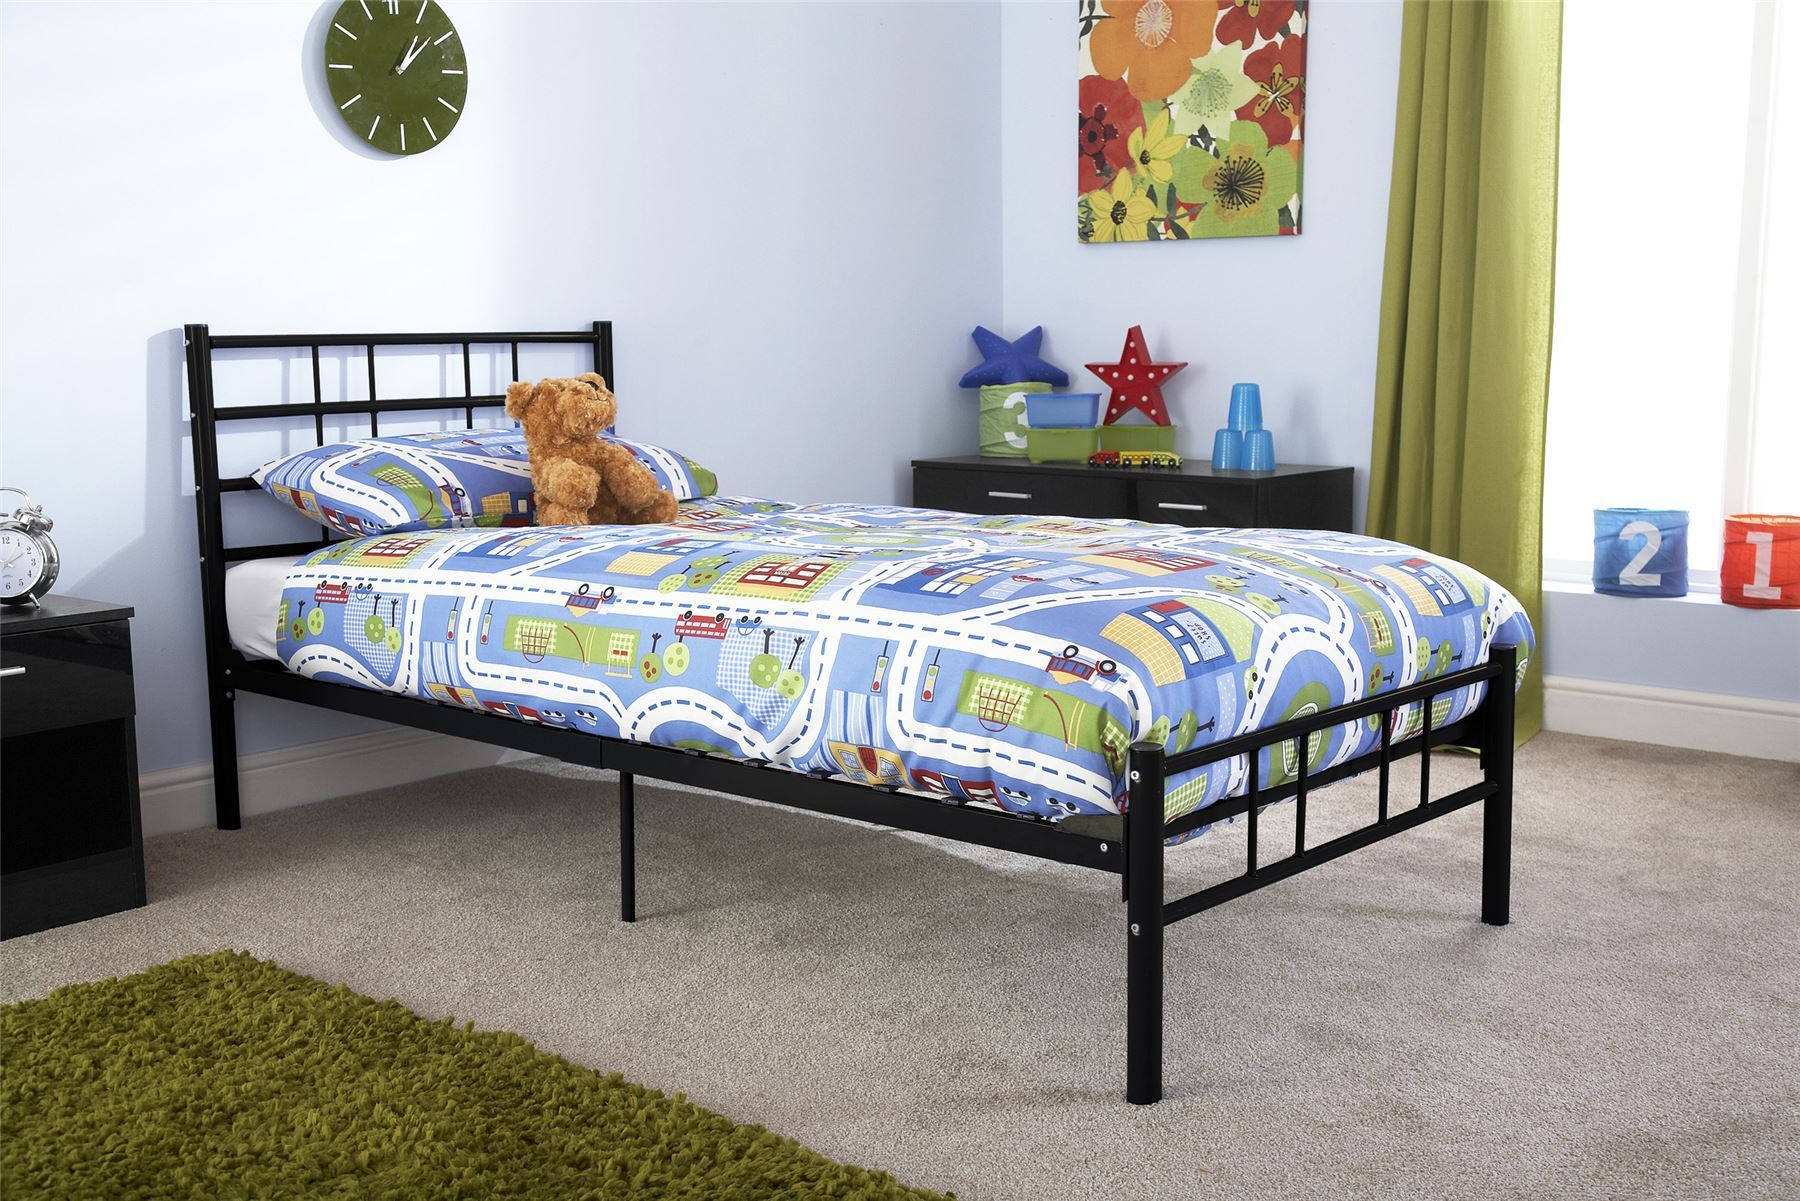 Morgan Metal Bedstead Bed Frame 3ft 4ft 4ft6 Bed Black